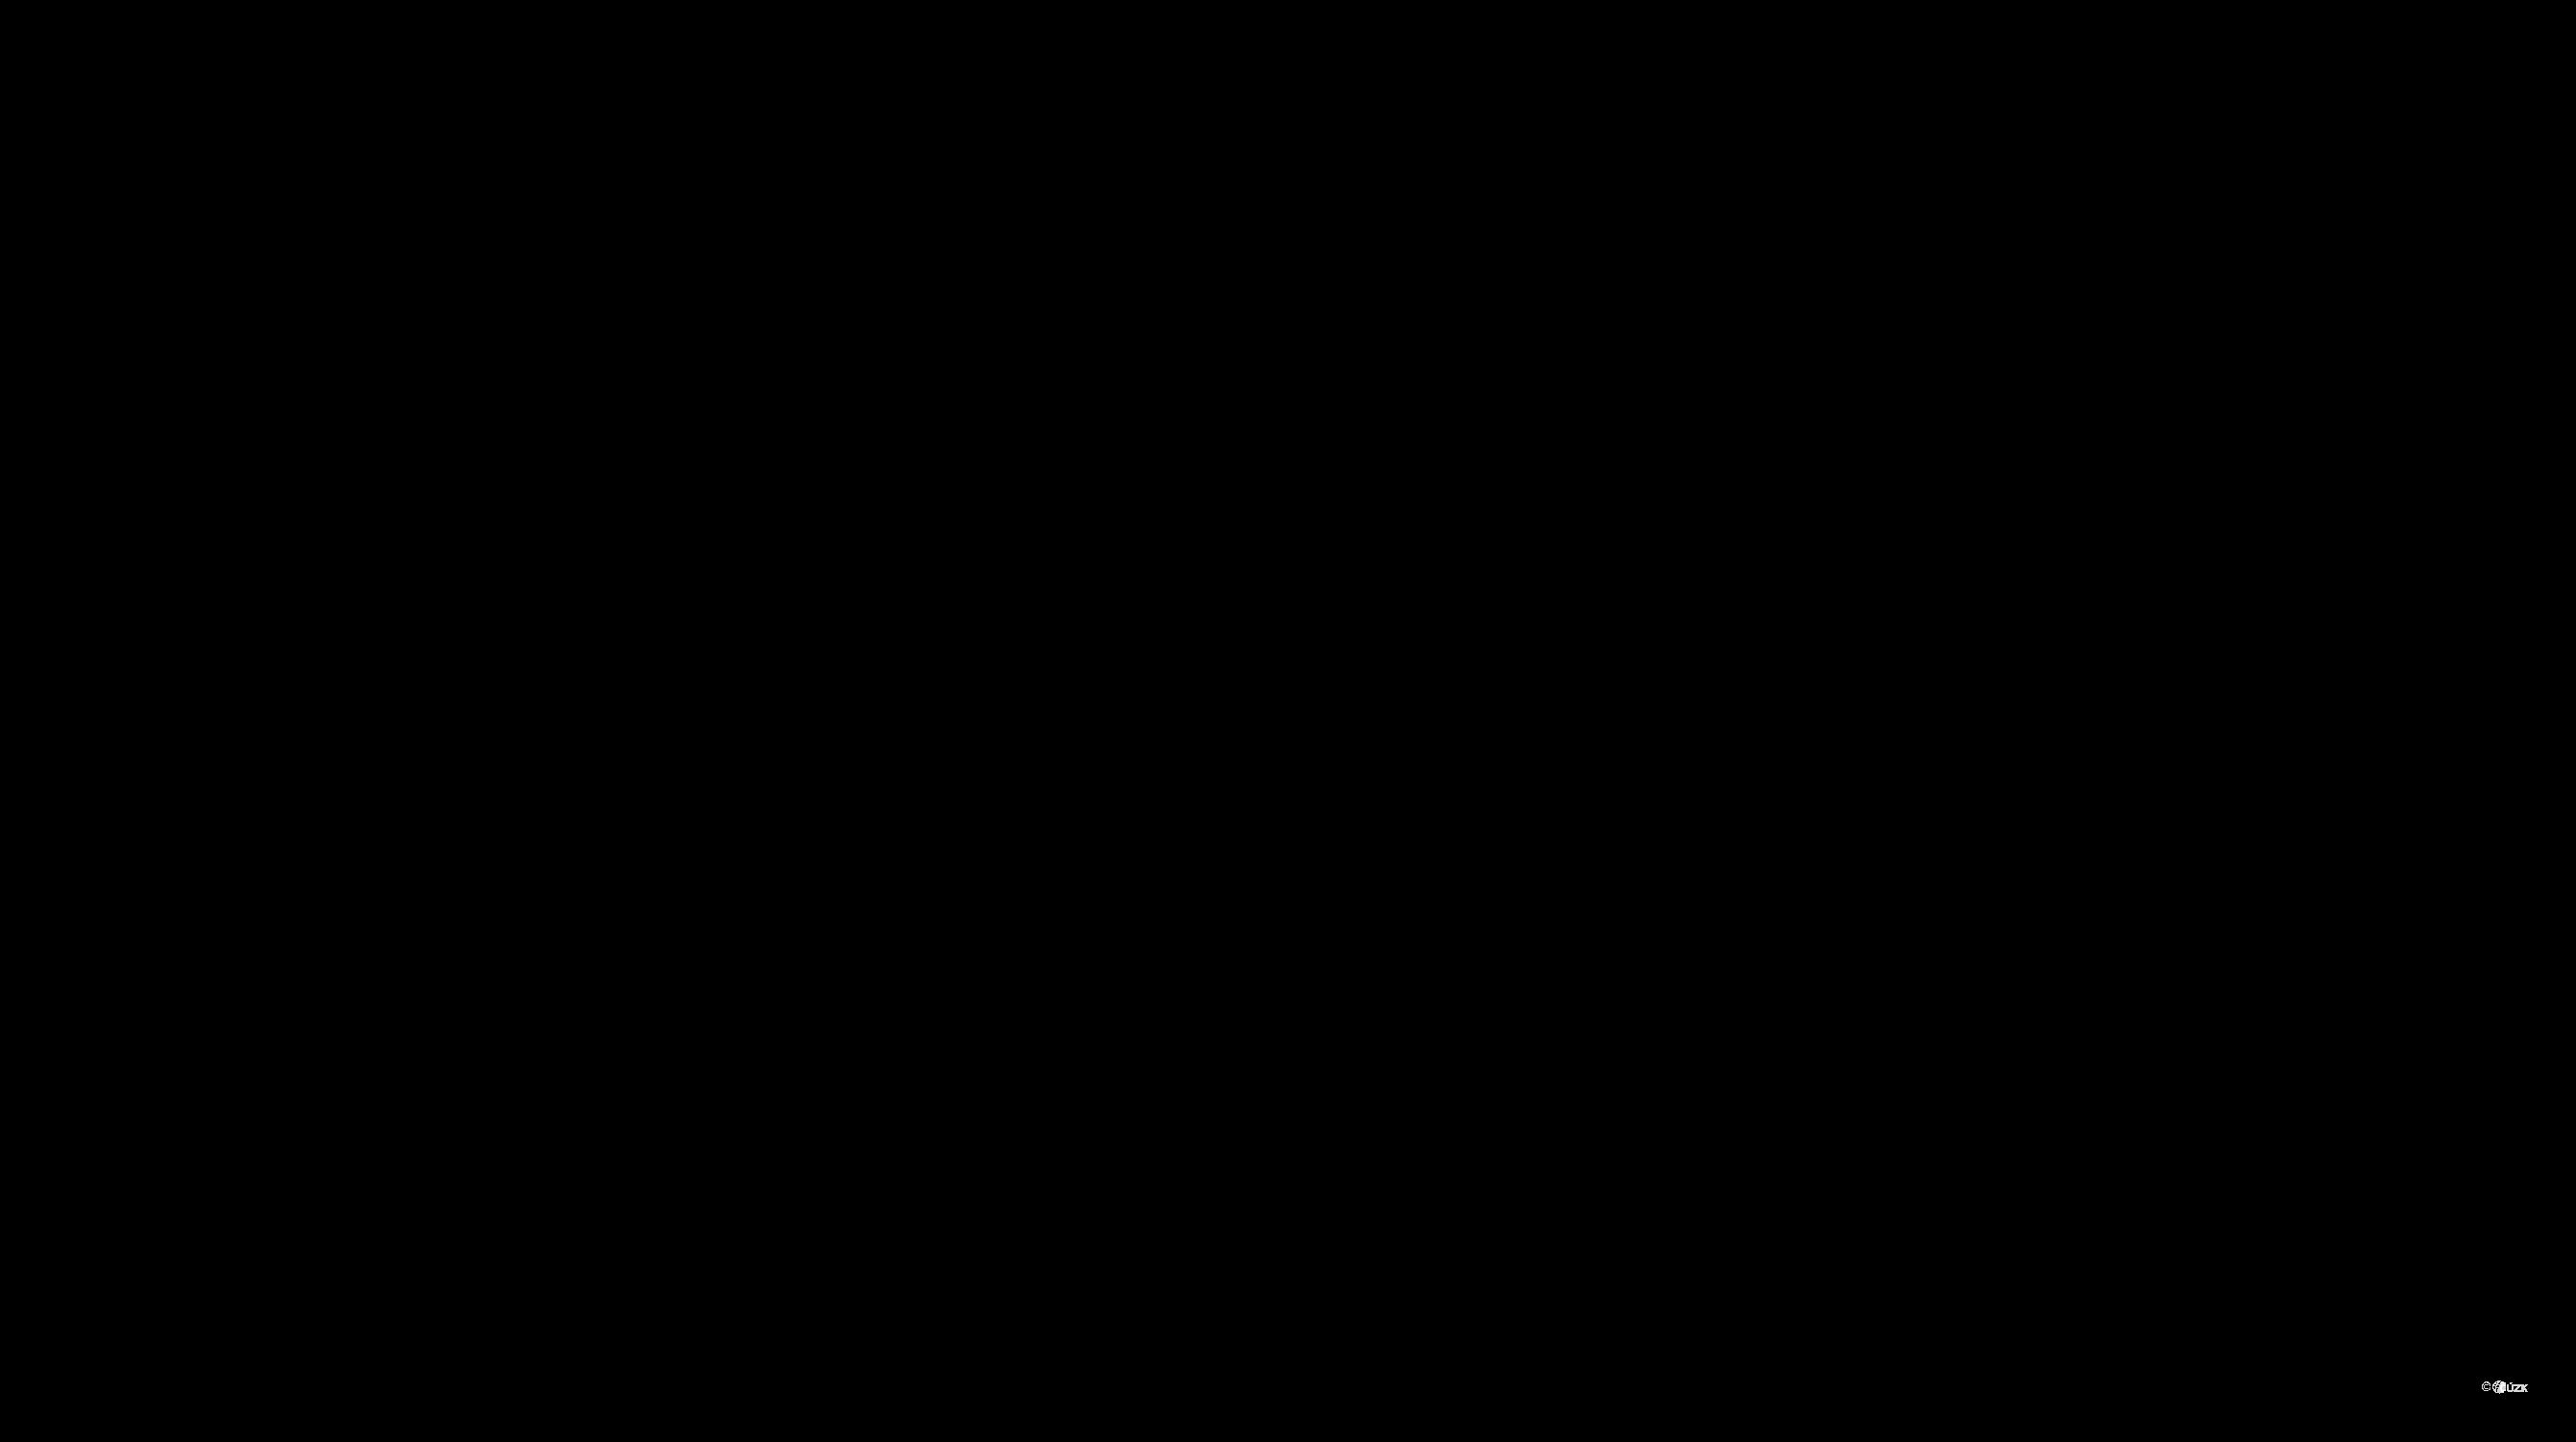 Katastrální mapa pozemků a čísla parcel Obora v Podbezdězí